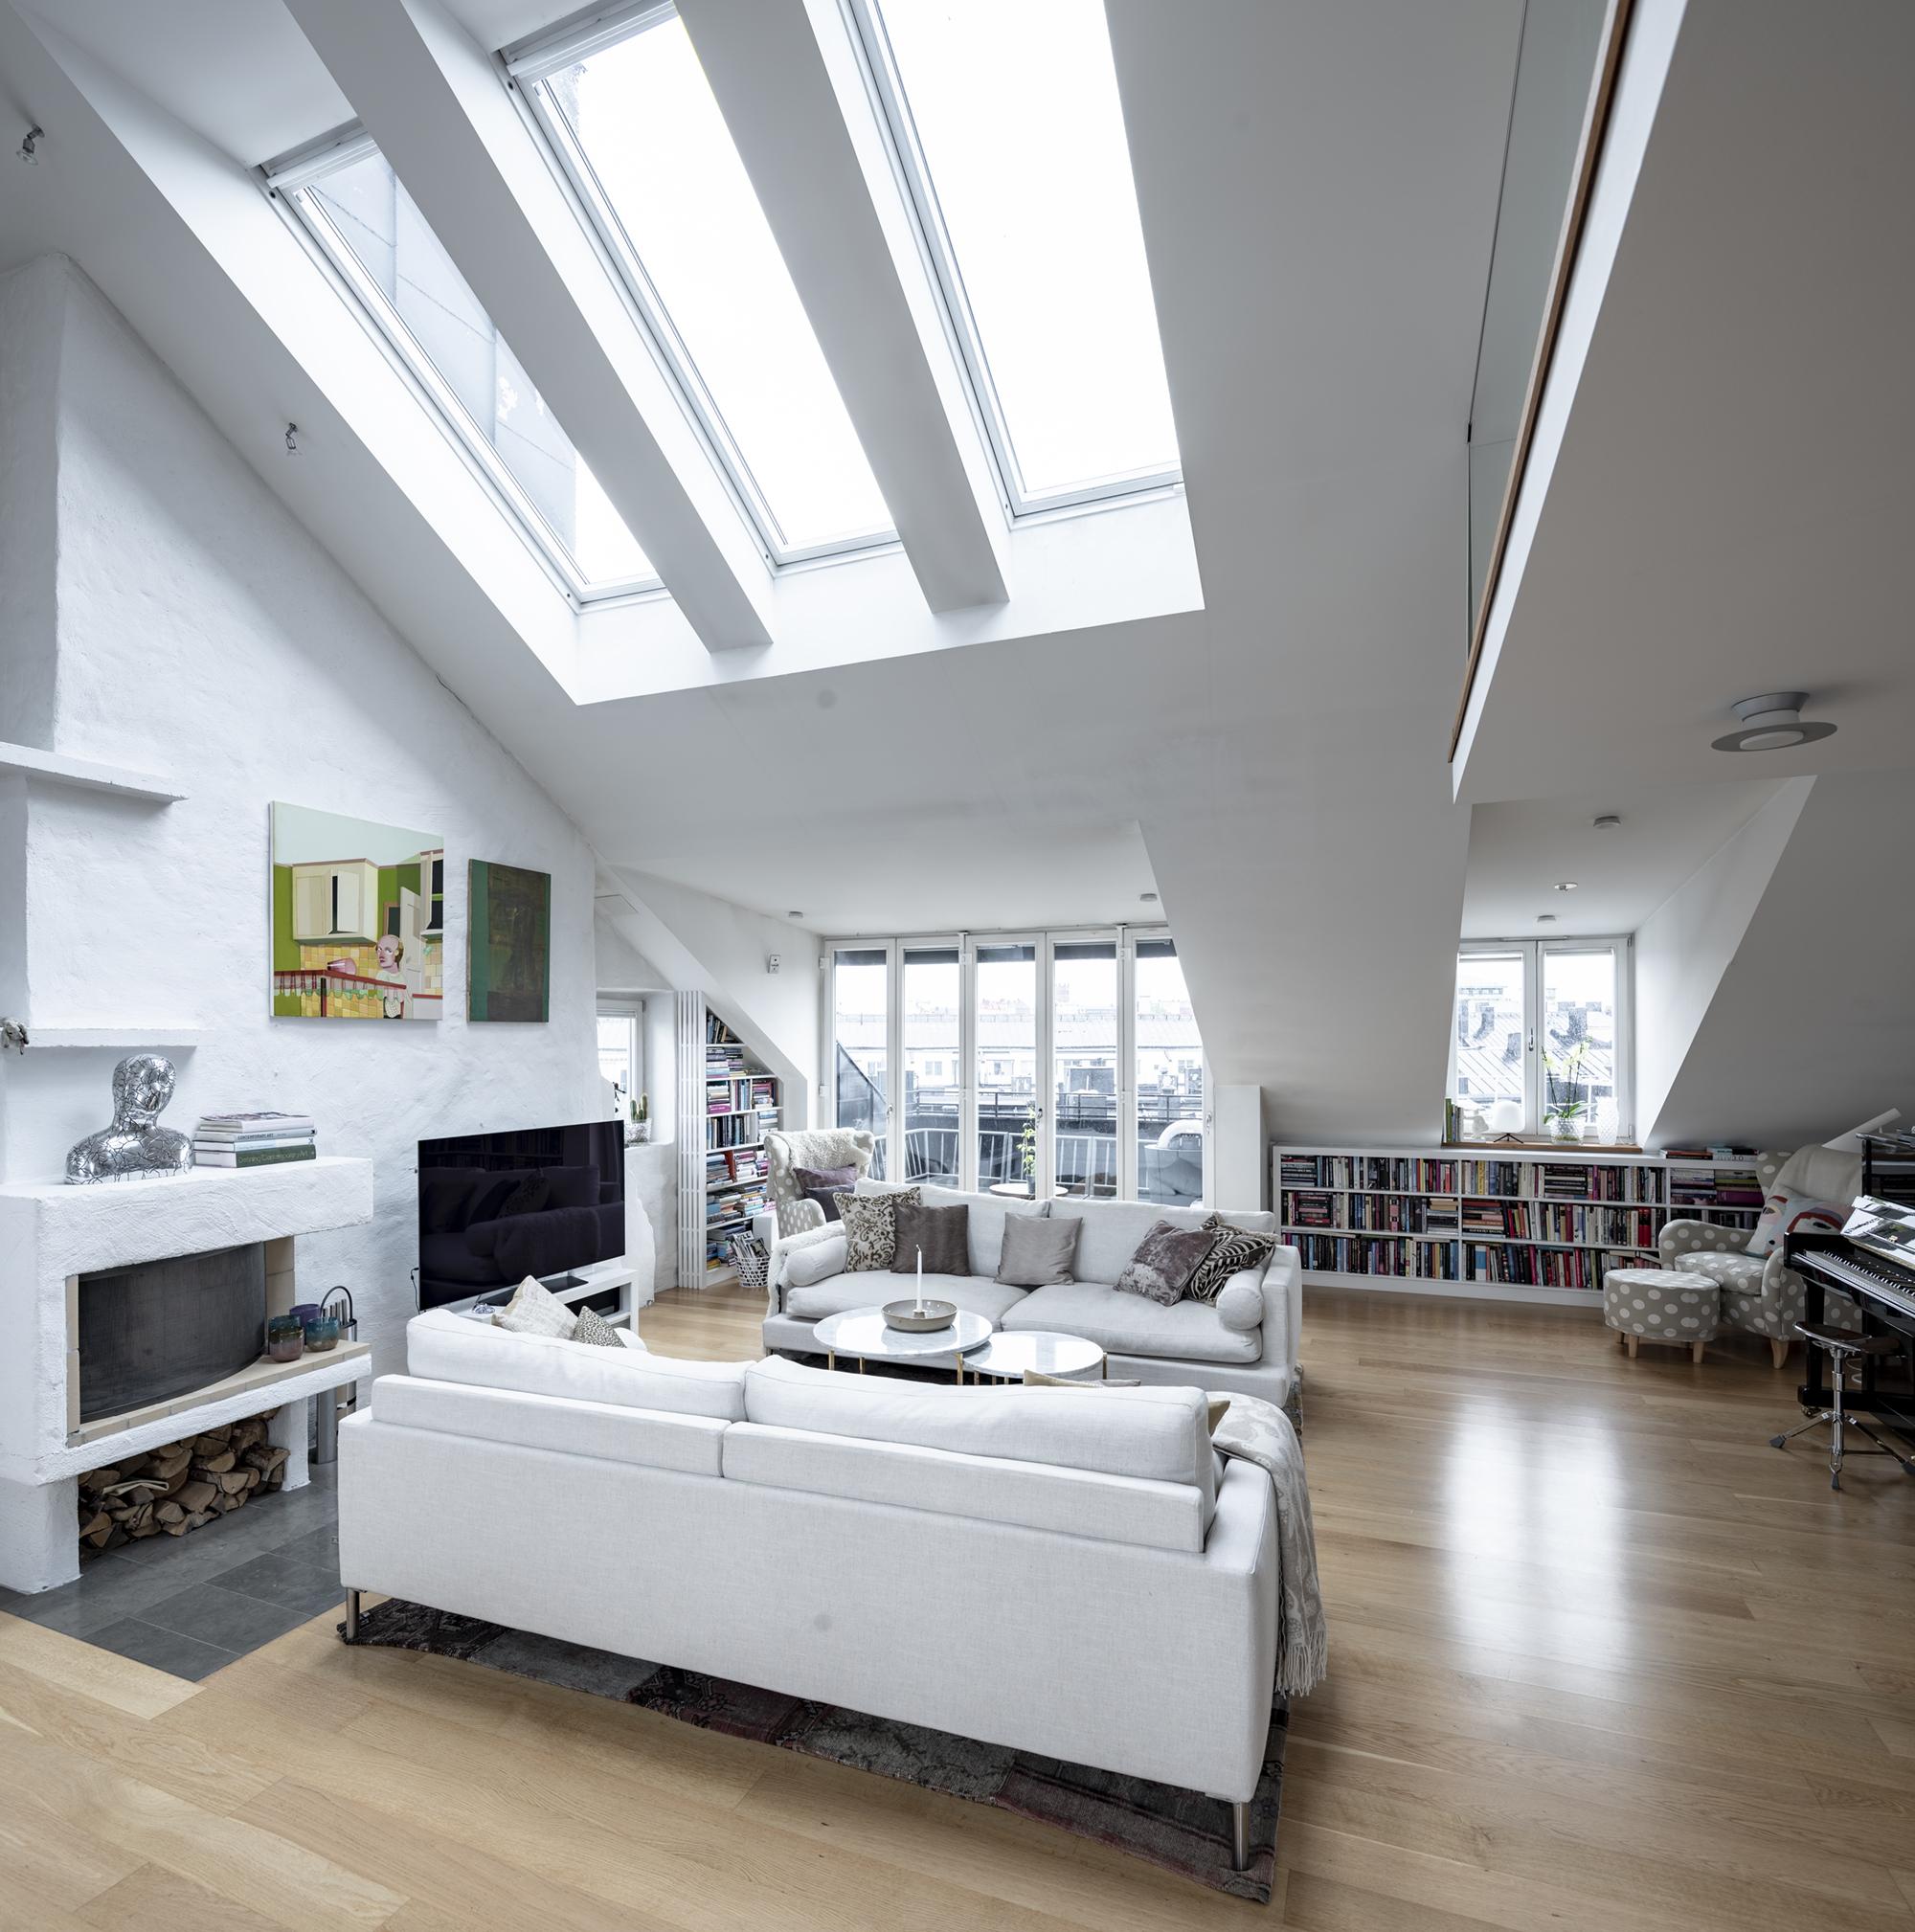 Tre höga takfönster ger bra ljusinsläpp